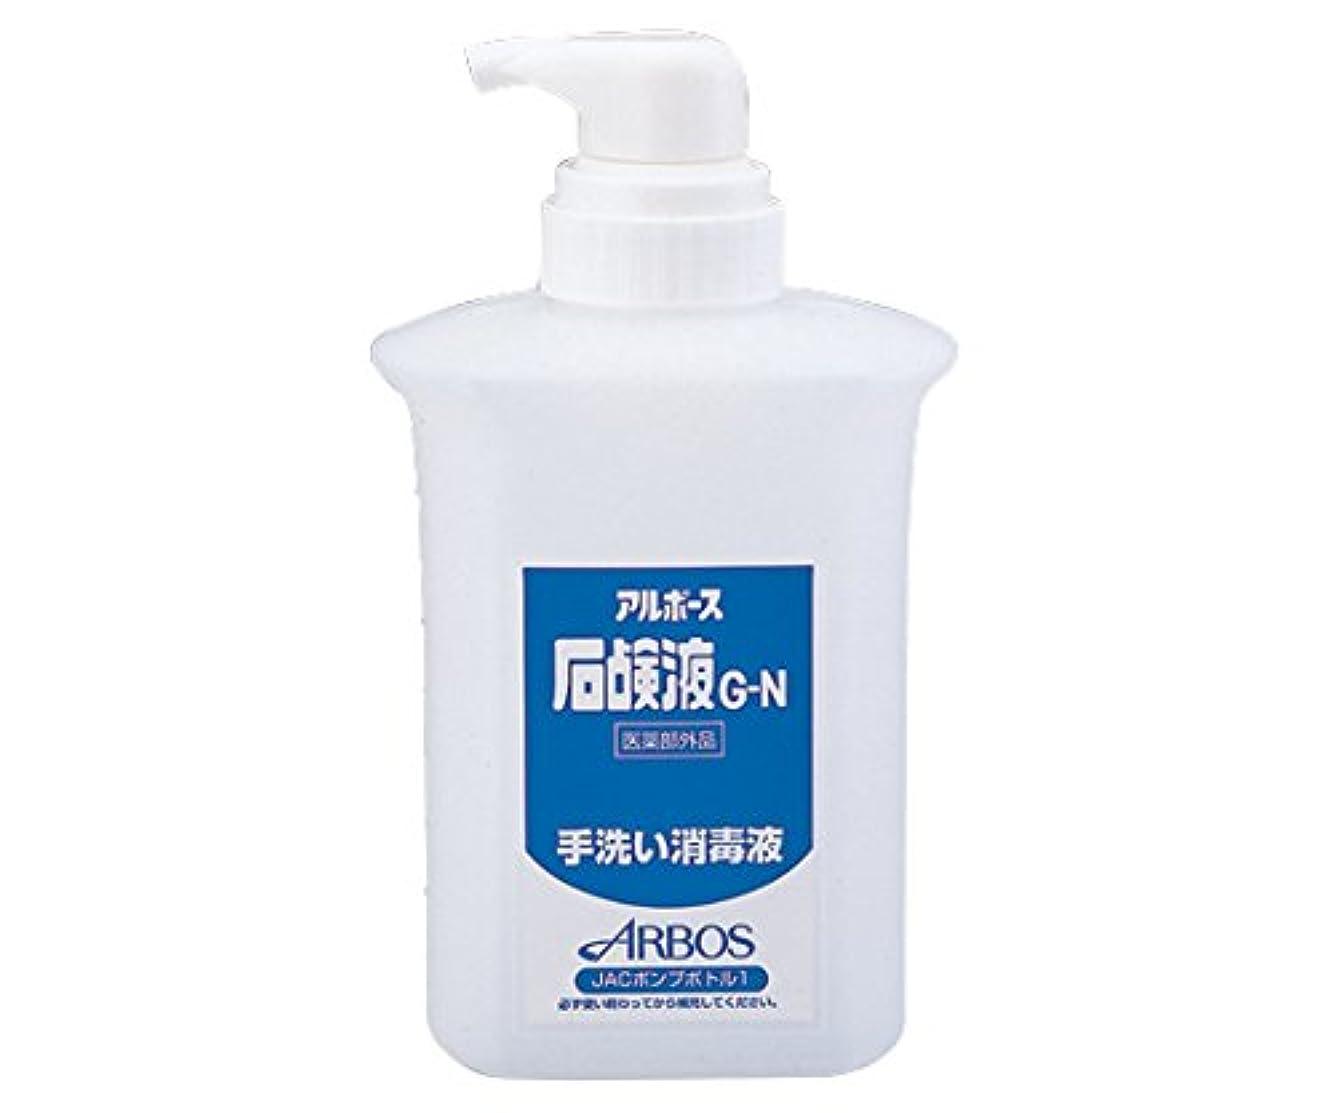 パスタ協力旋律的アルボースiG-N用ポンプボトル 1000mL